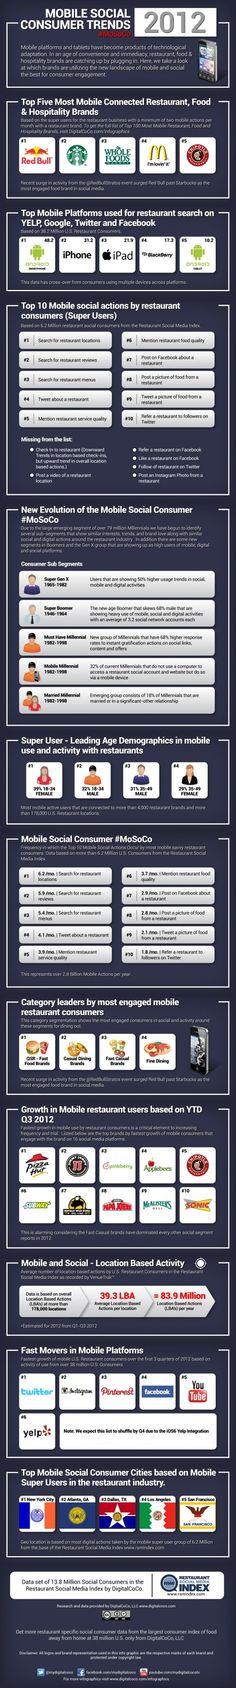 #Mobile social consumer trends 2012. #Infografía